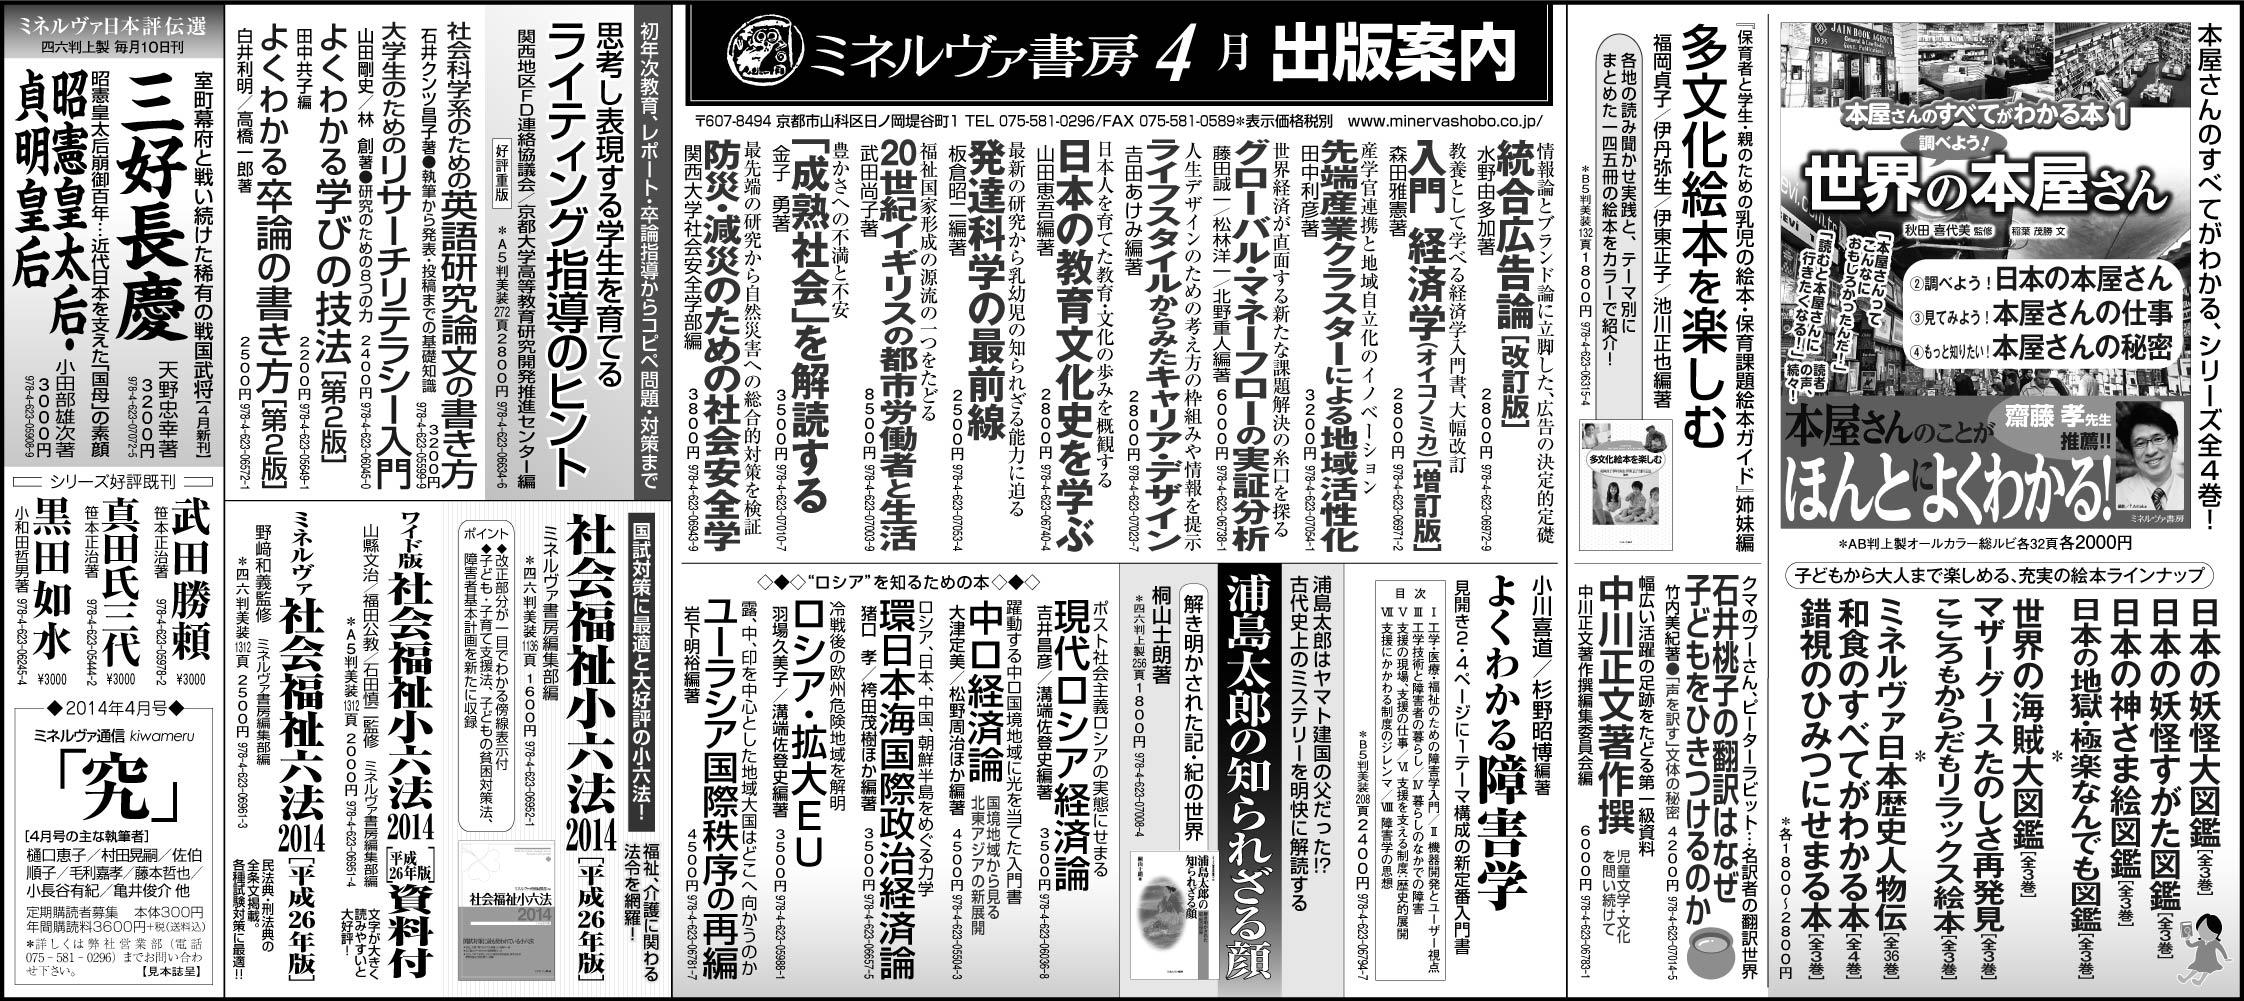 日本経済新聞全5段広告2014年4月20日掲載